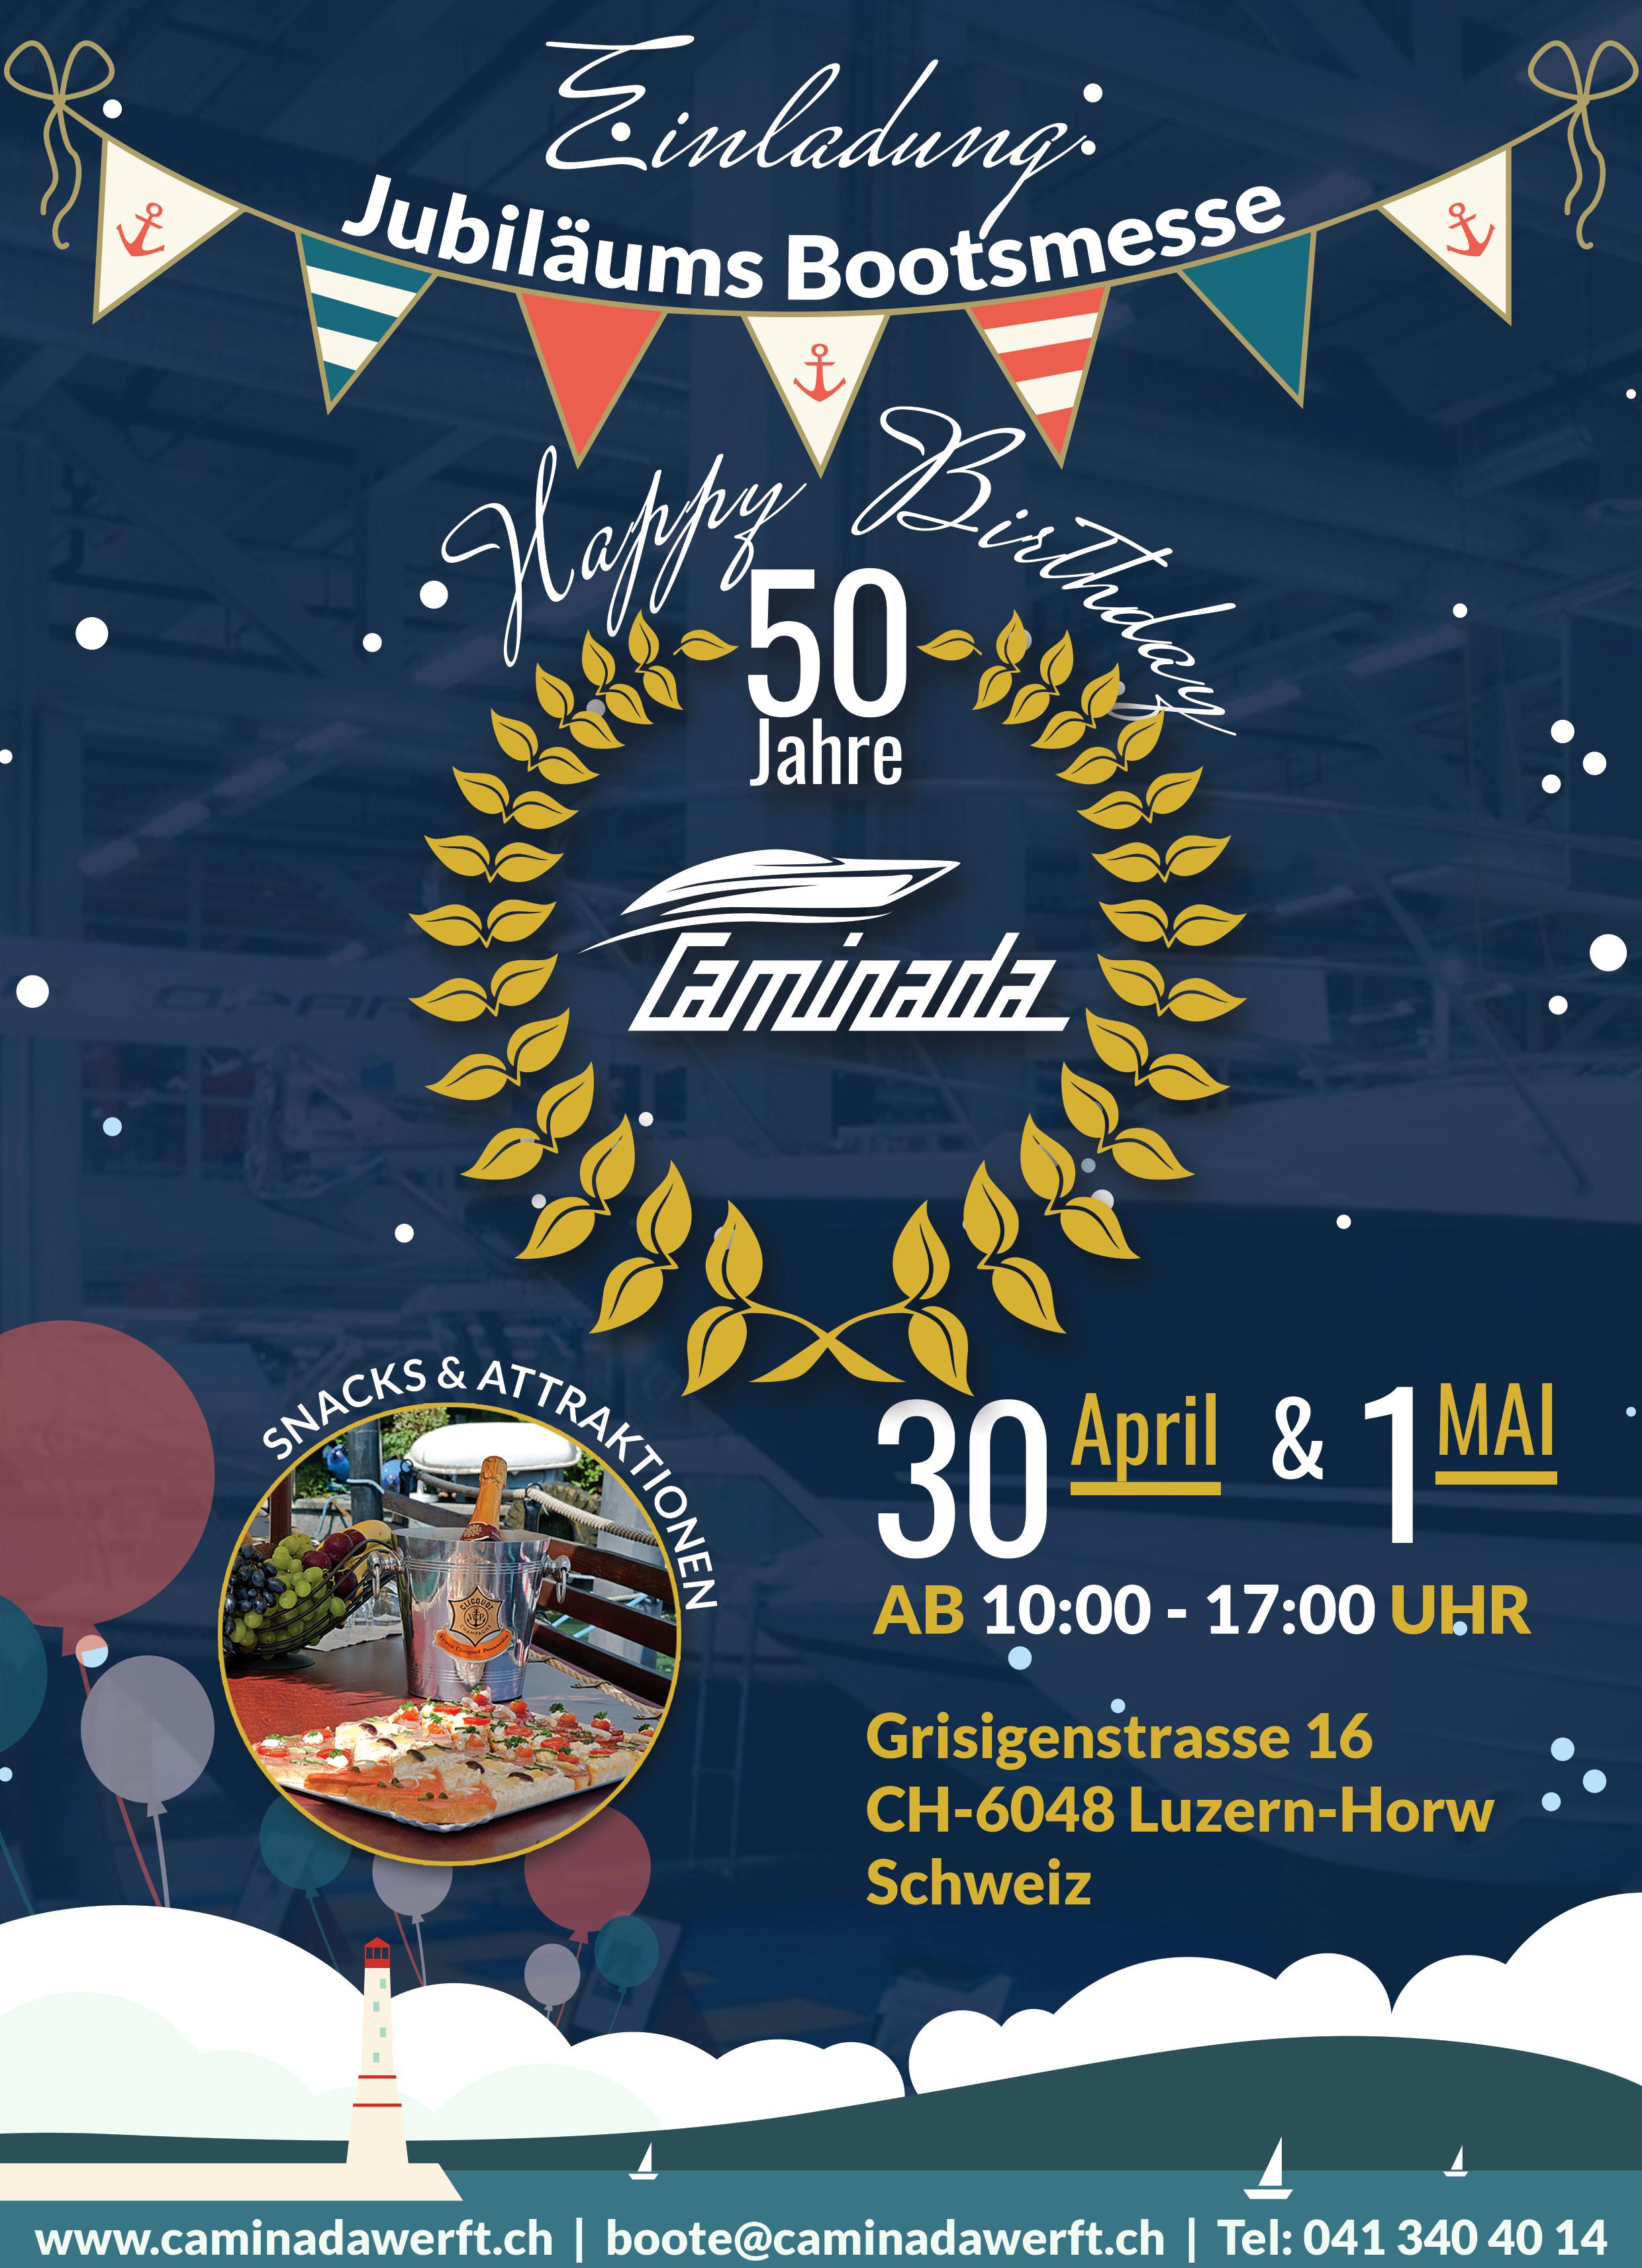 20 Jahre Caminada Werft Horw. Komme am 20.20. & 20.20.20206 und Feier ...